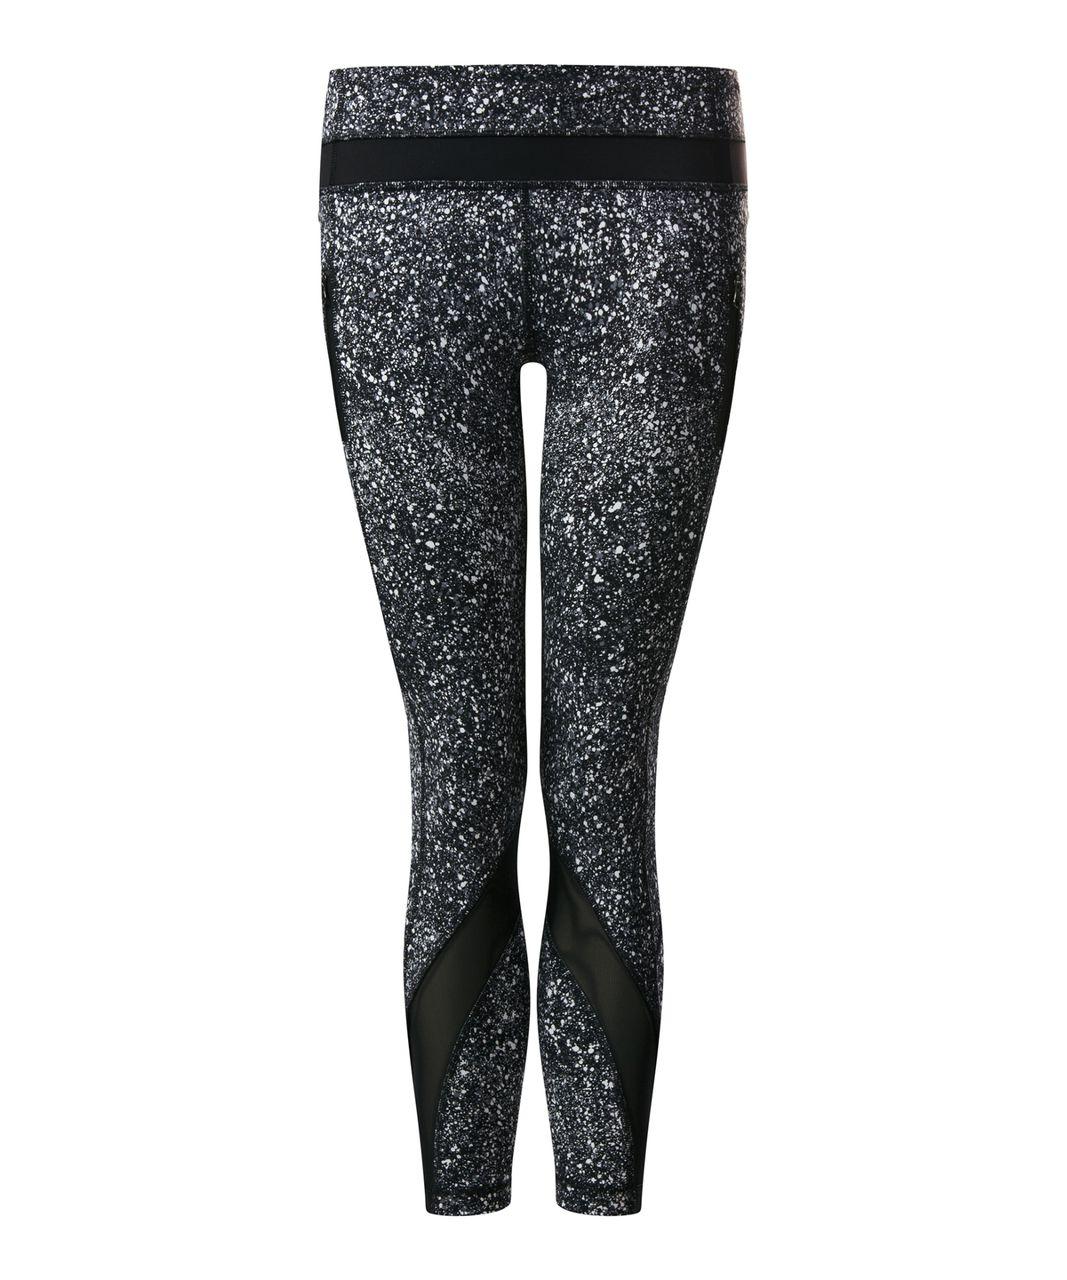 Lululemon Inspire Tight II - Splatter White Black / Black